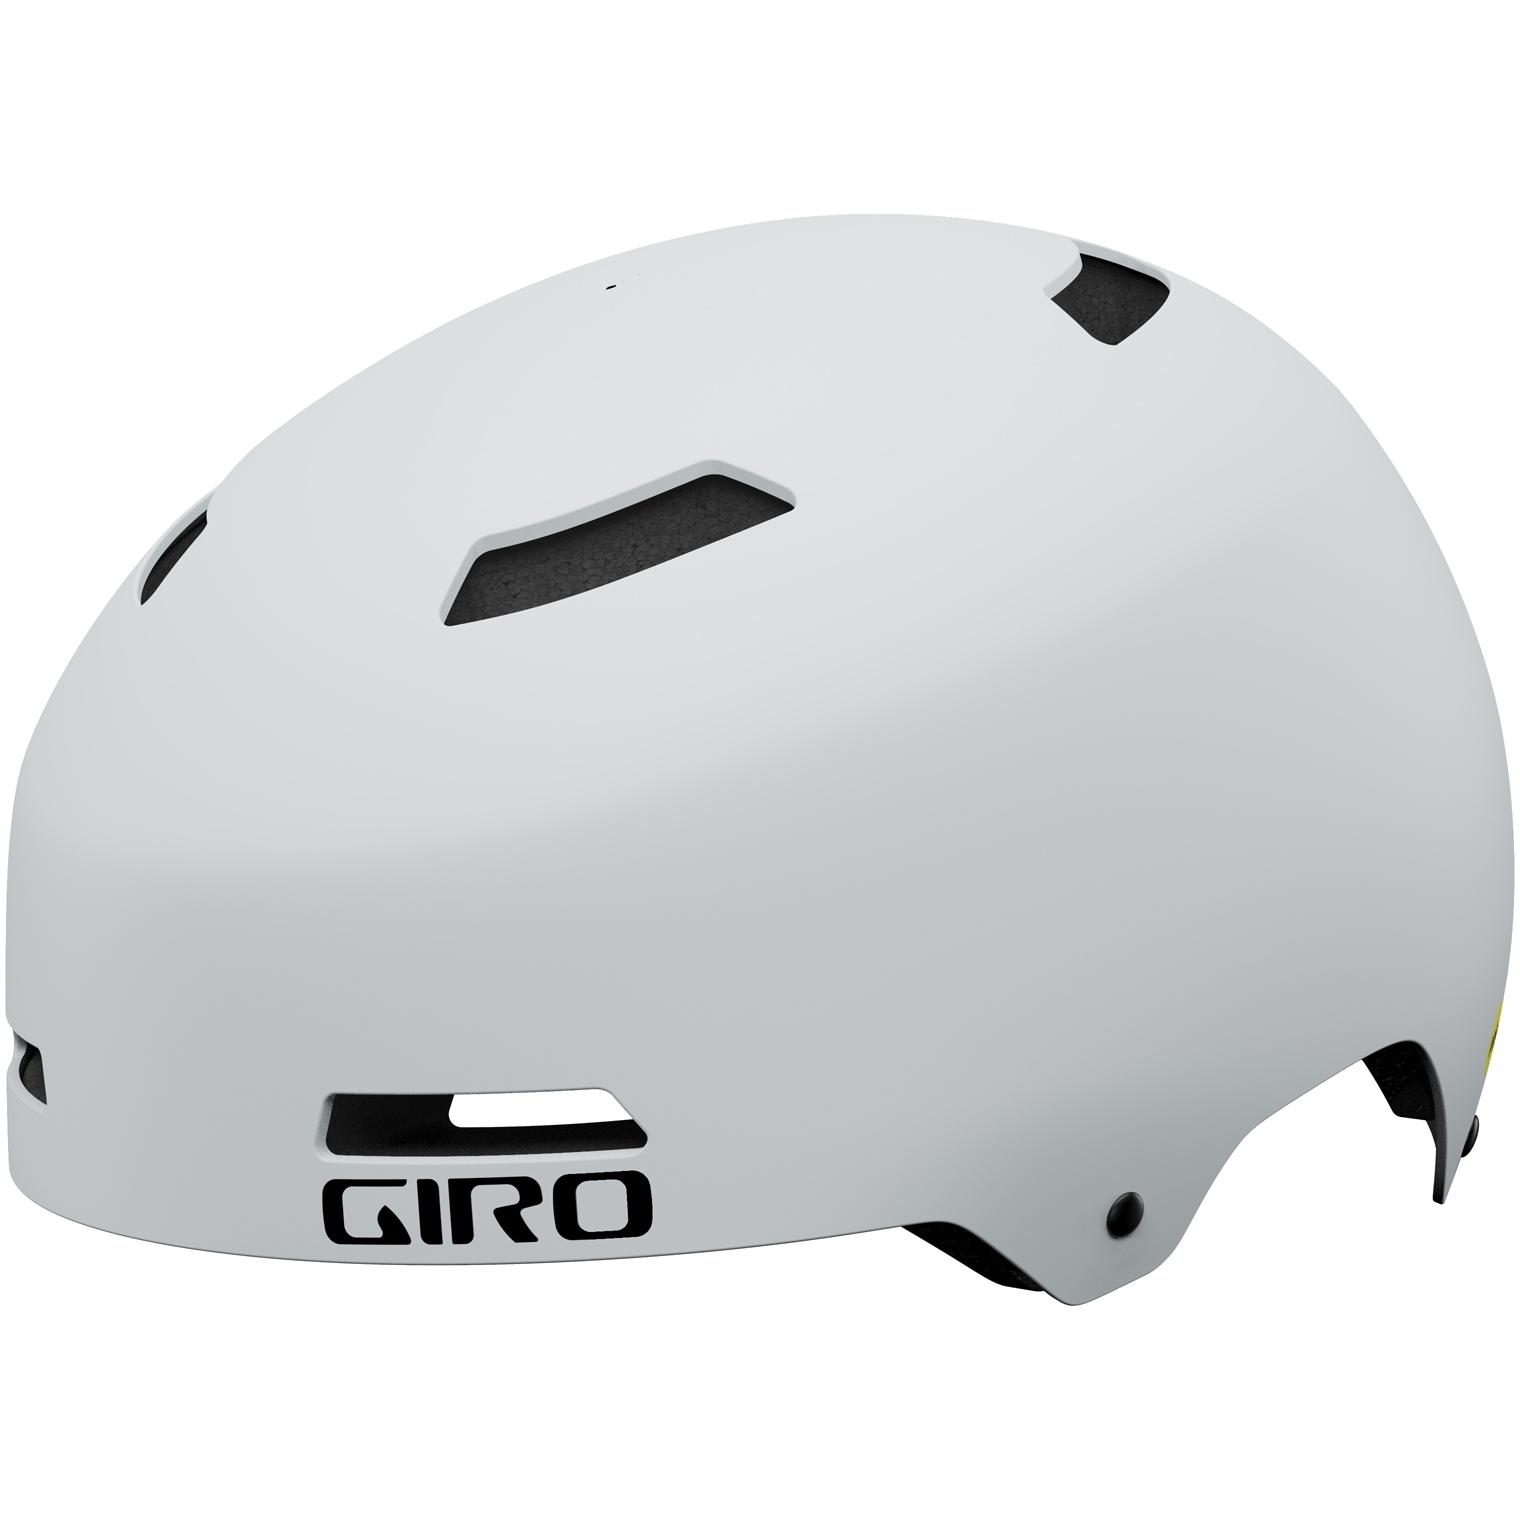 Bild von Giro Quarter FS MIPS Helm - matte chalk